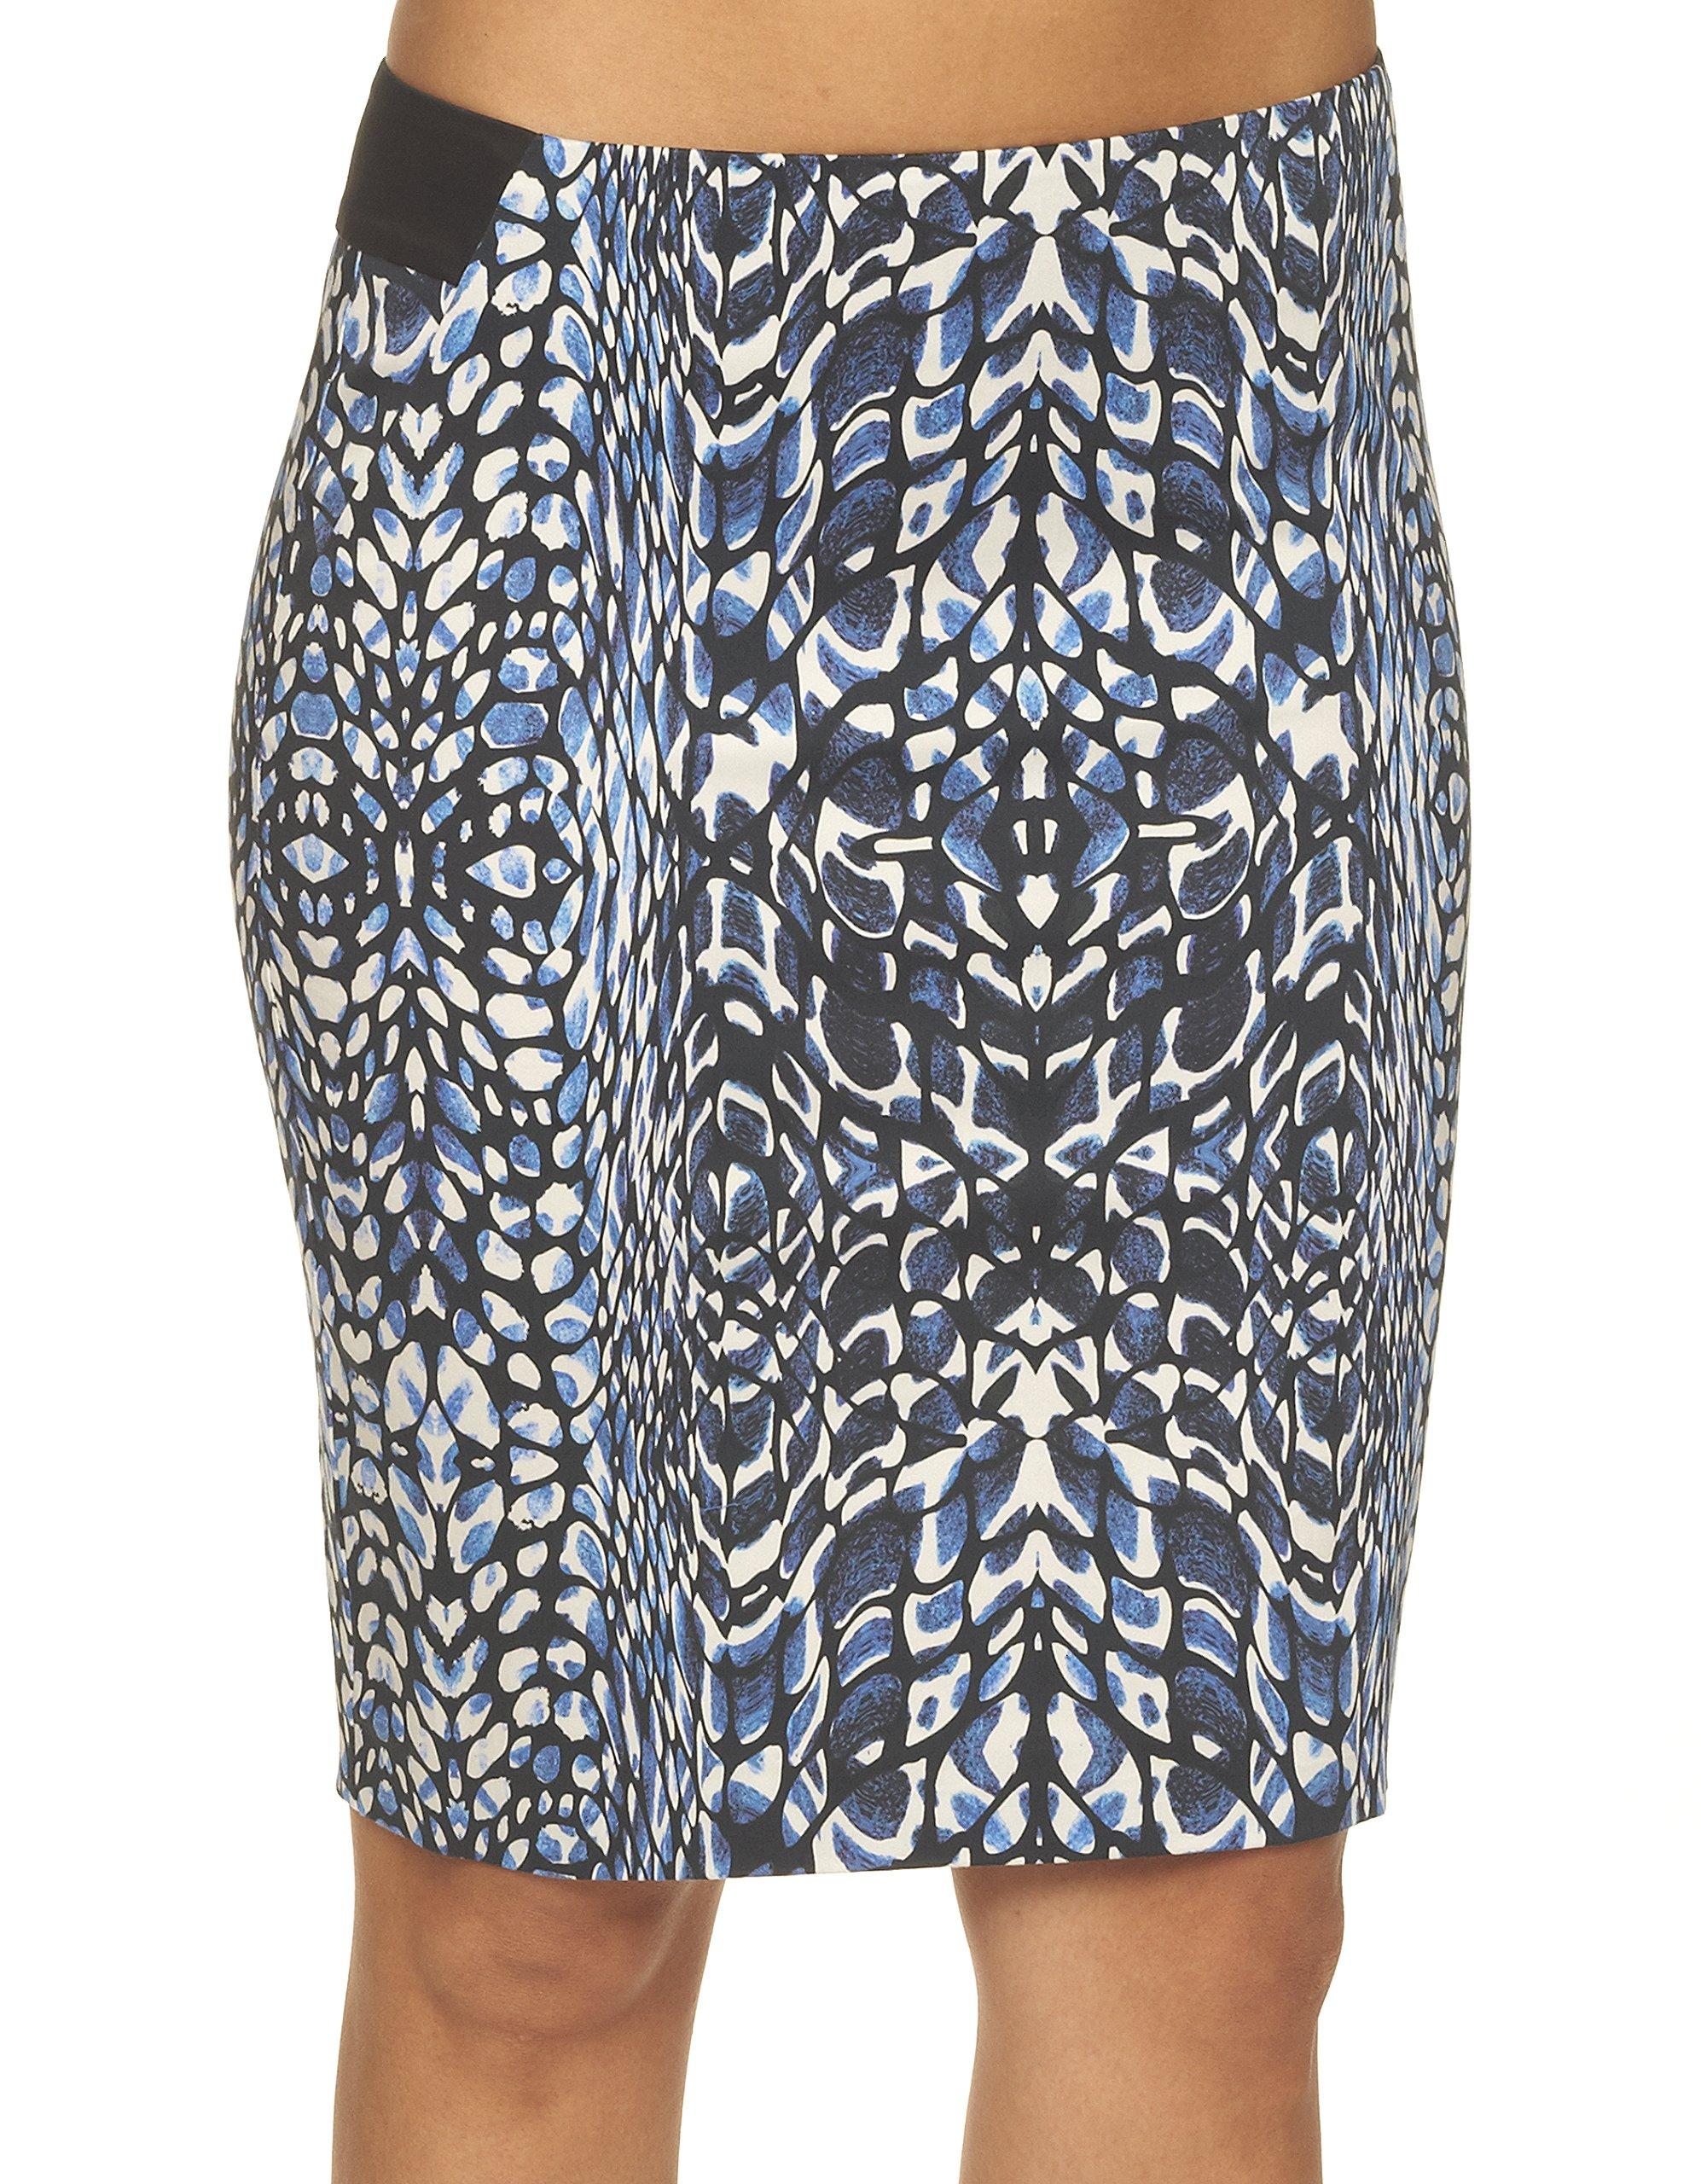 Robert Graham Women's Sydney Top Skirt, Blue, 12